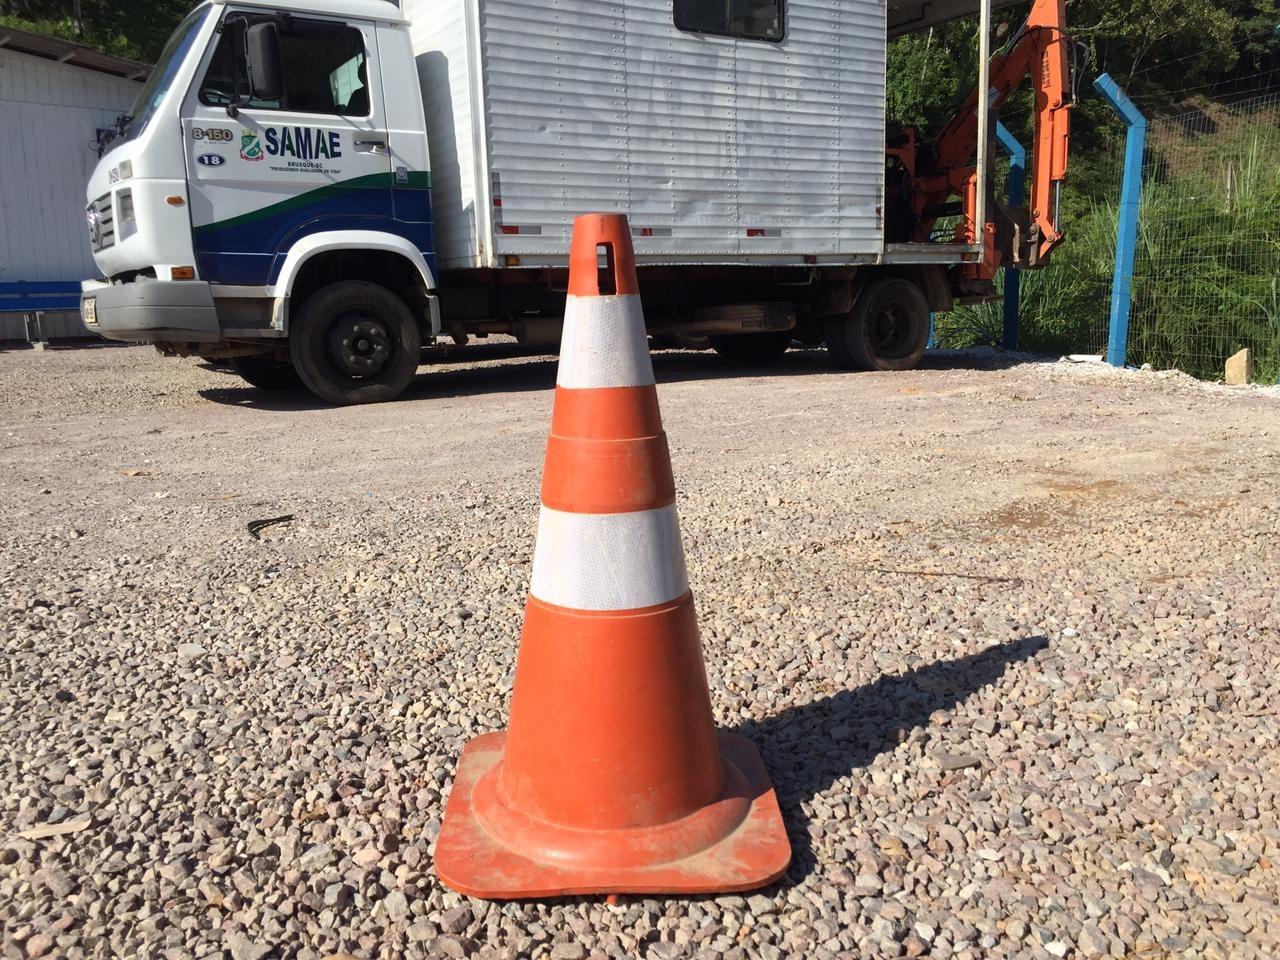 Aumentam os casos de furto de cones e equipamentos de sinalização do Samae